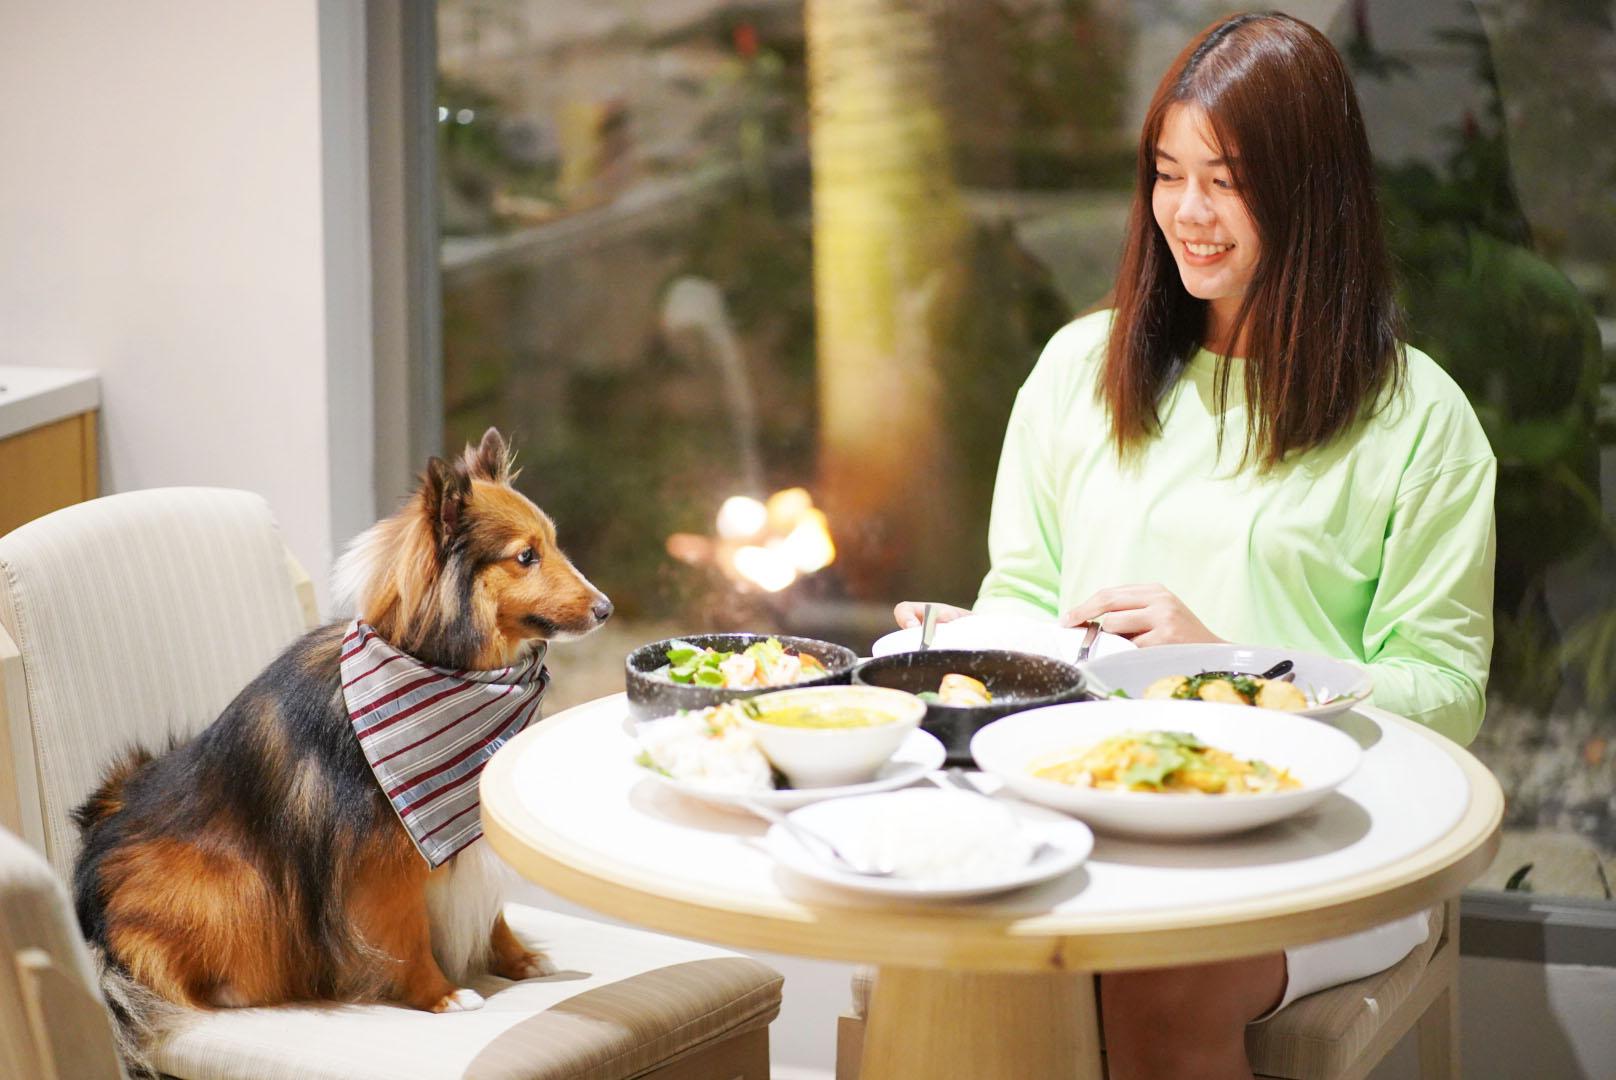 รีวิว Avani+ Hua Hin Resort พูลวิลล่าส่วนตัวสุดหรู หนึ่งในรีสอร์ทสุนัขพักได้ที่ดีที่สุดในไทยจากเชนจ์ Minor 68 - Avani